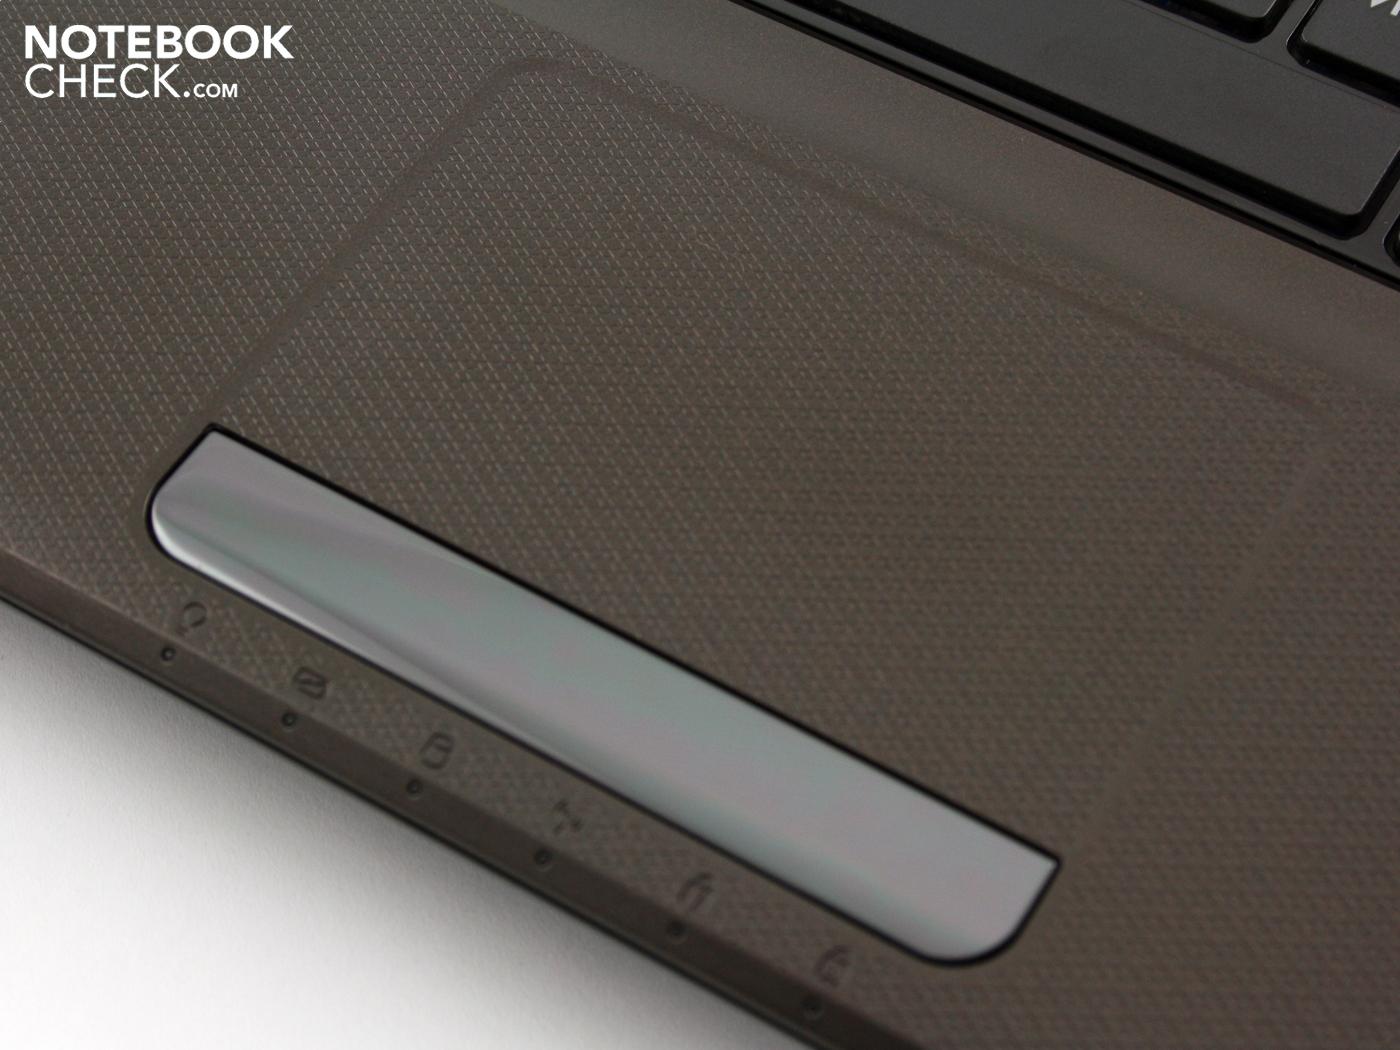 Asus K62Jr Notebook JMicron LAN Driver